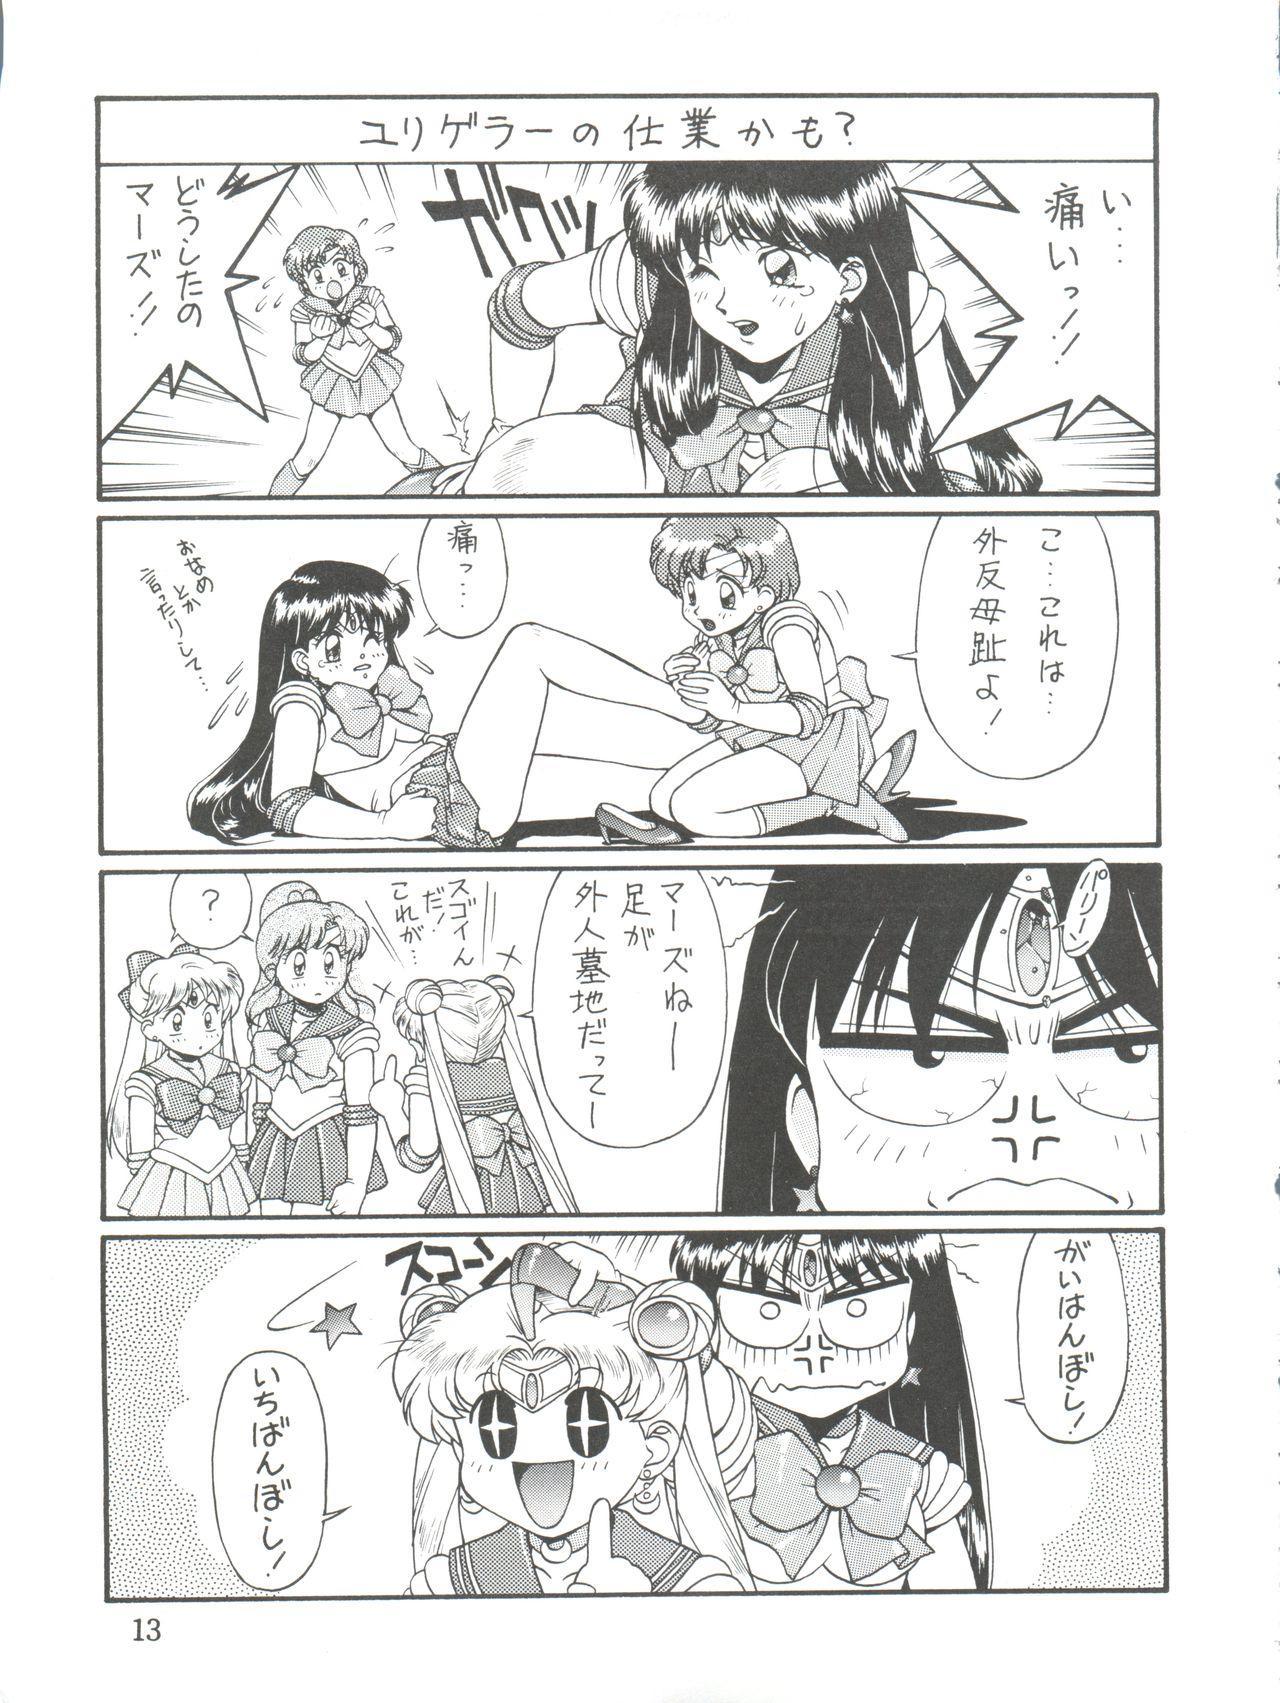 NANIWA-YA FINAL DRESS UP! 12